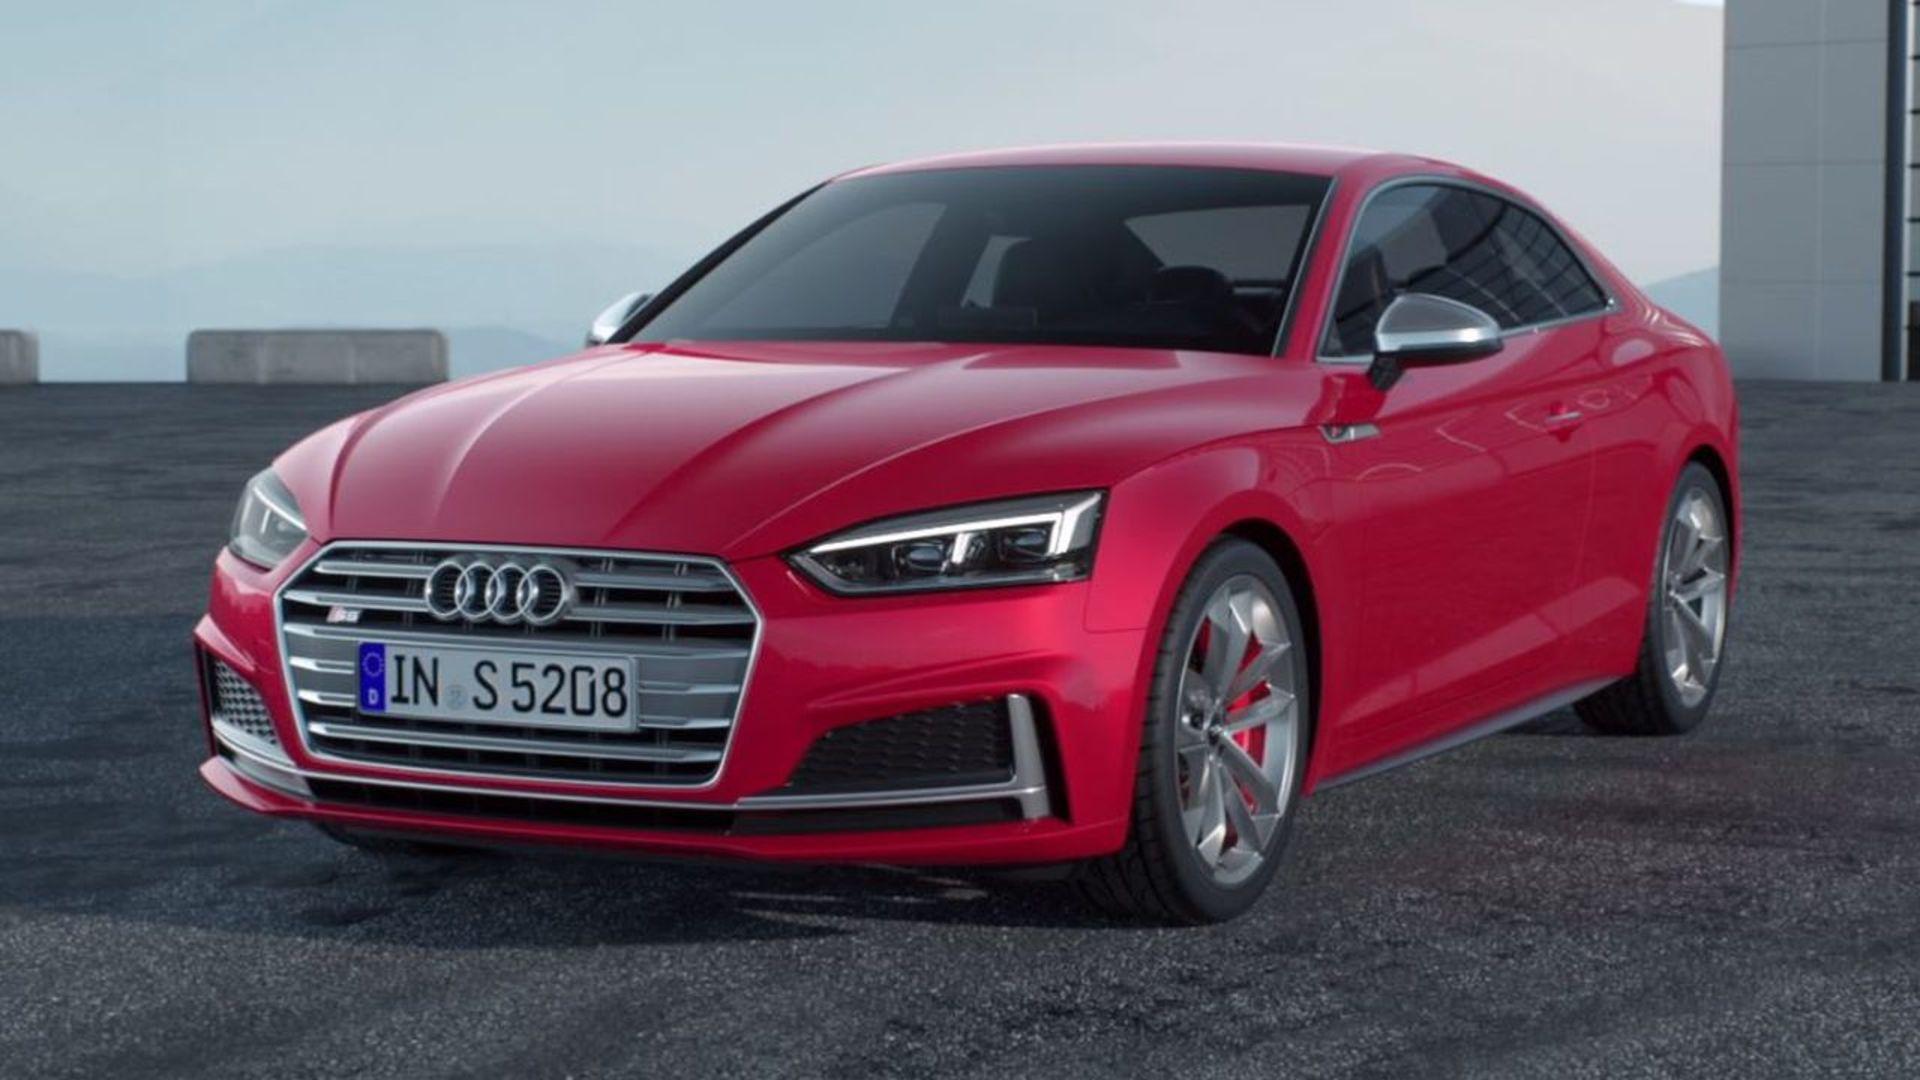 Audi S5 Coupé – Animation 3.0 TFSI, drive train